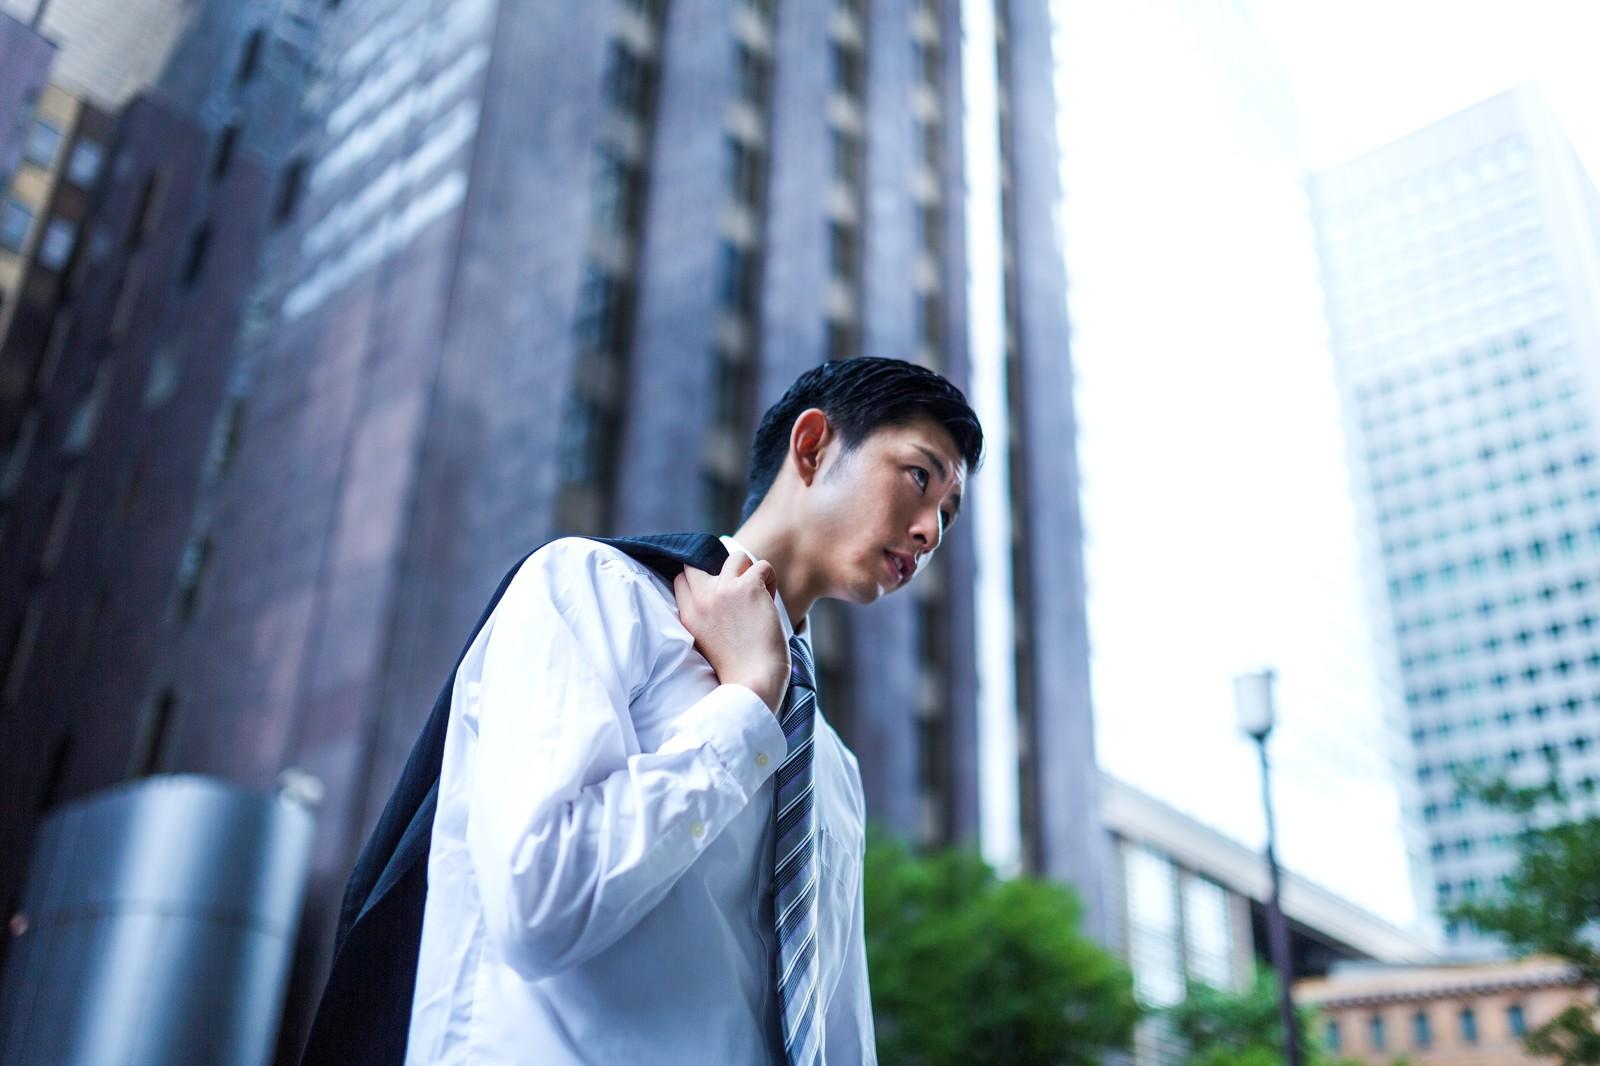 営業職を辞めたい、ノルマ、飛び込み営業が辛いと感じた時の対処法